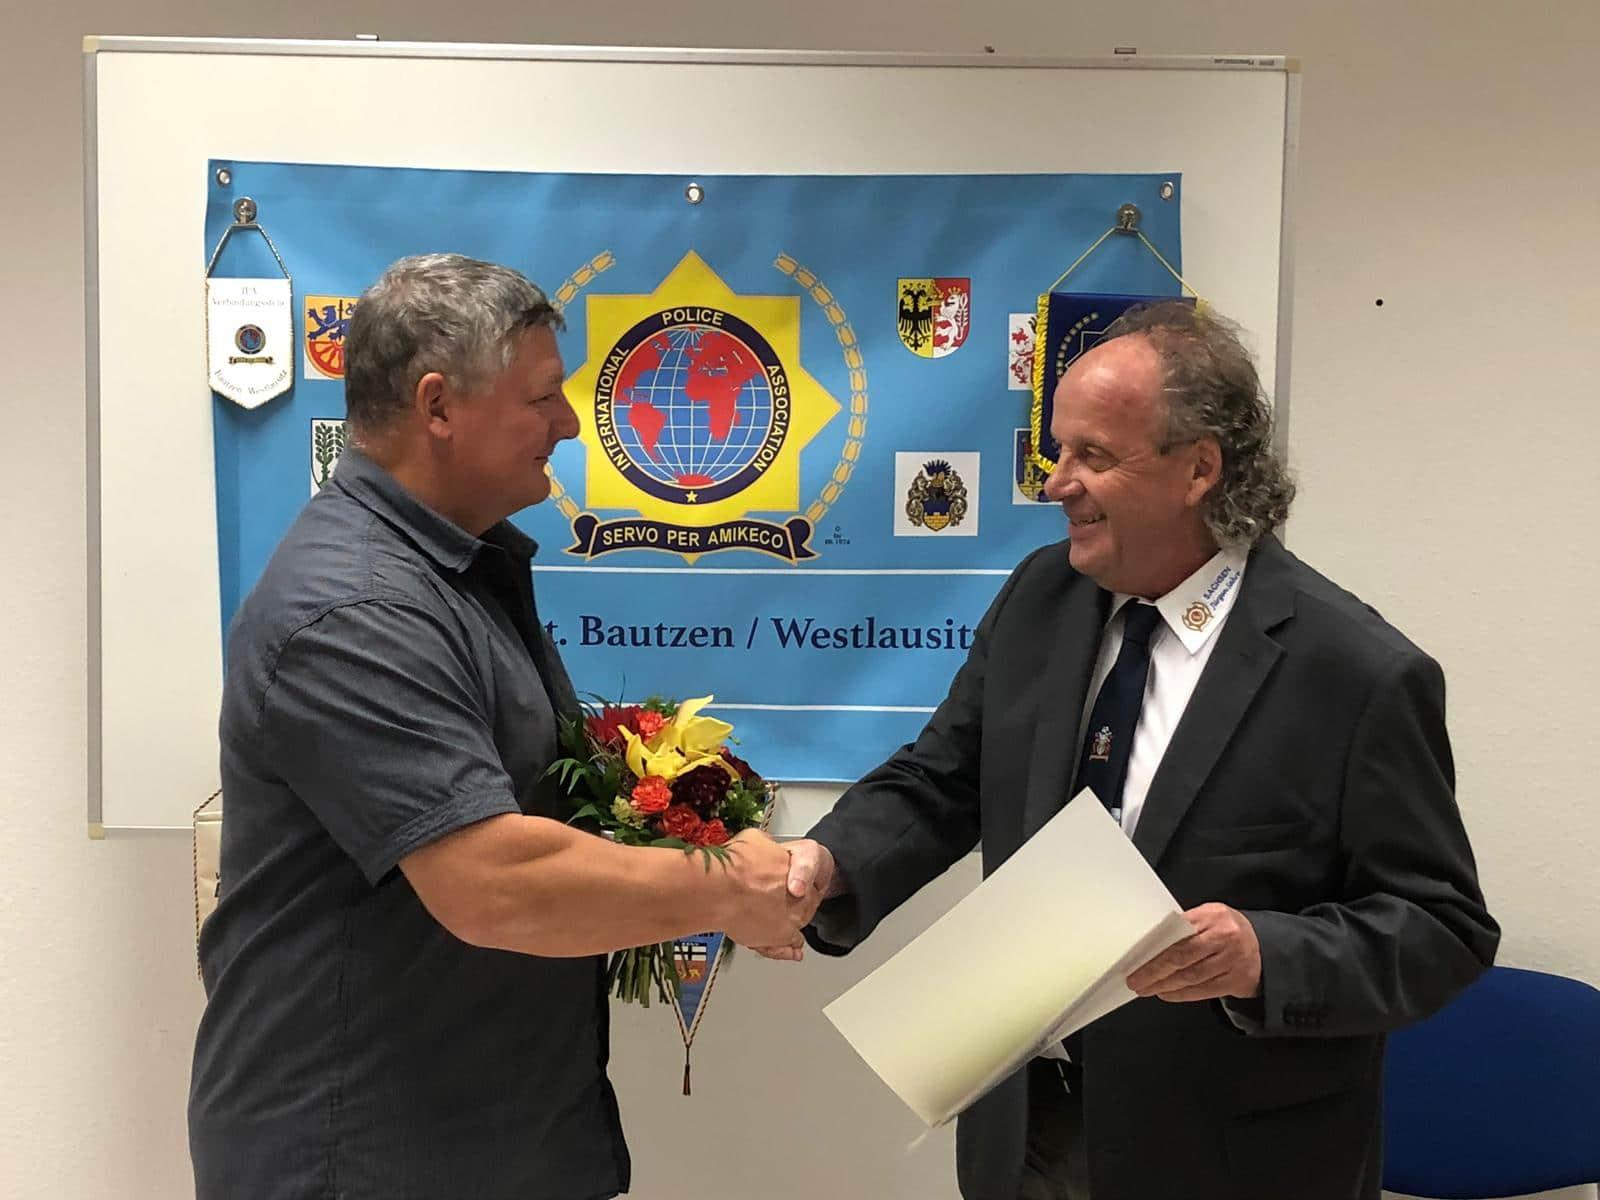 Goldene Ehrennadel für Sekretär Matthias Richter (li.) für 9jährige Vorstandsarbeit überreicht durch den Sekretär der Landesgruppe Sachsen, Jürgen Sahre